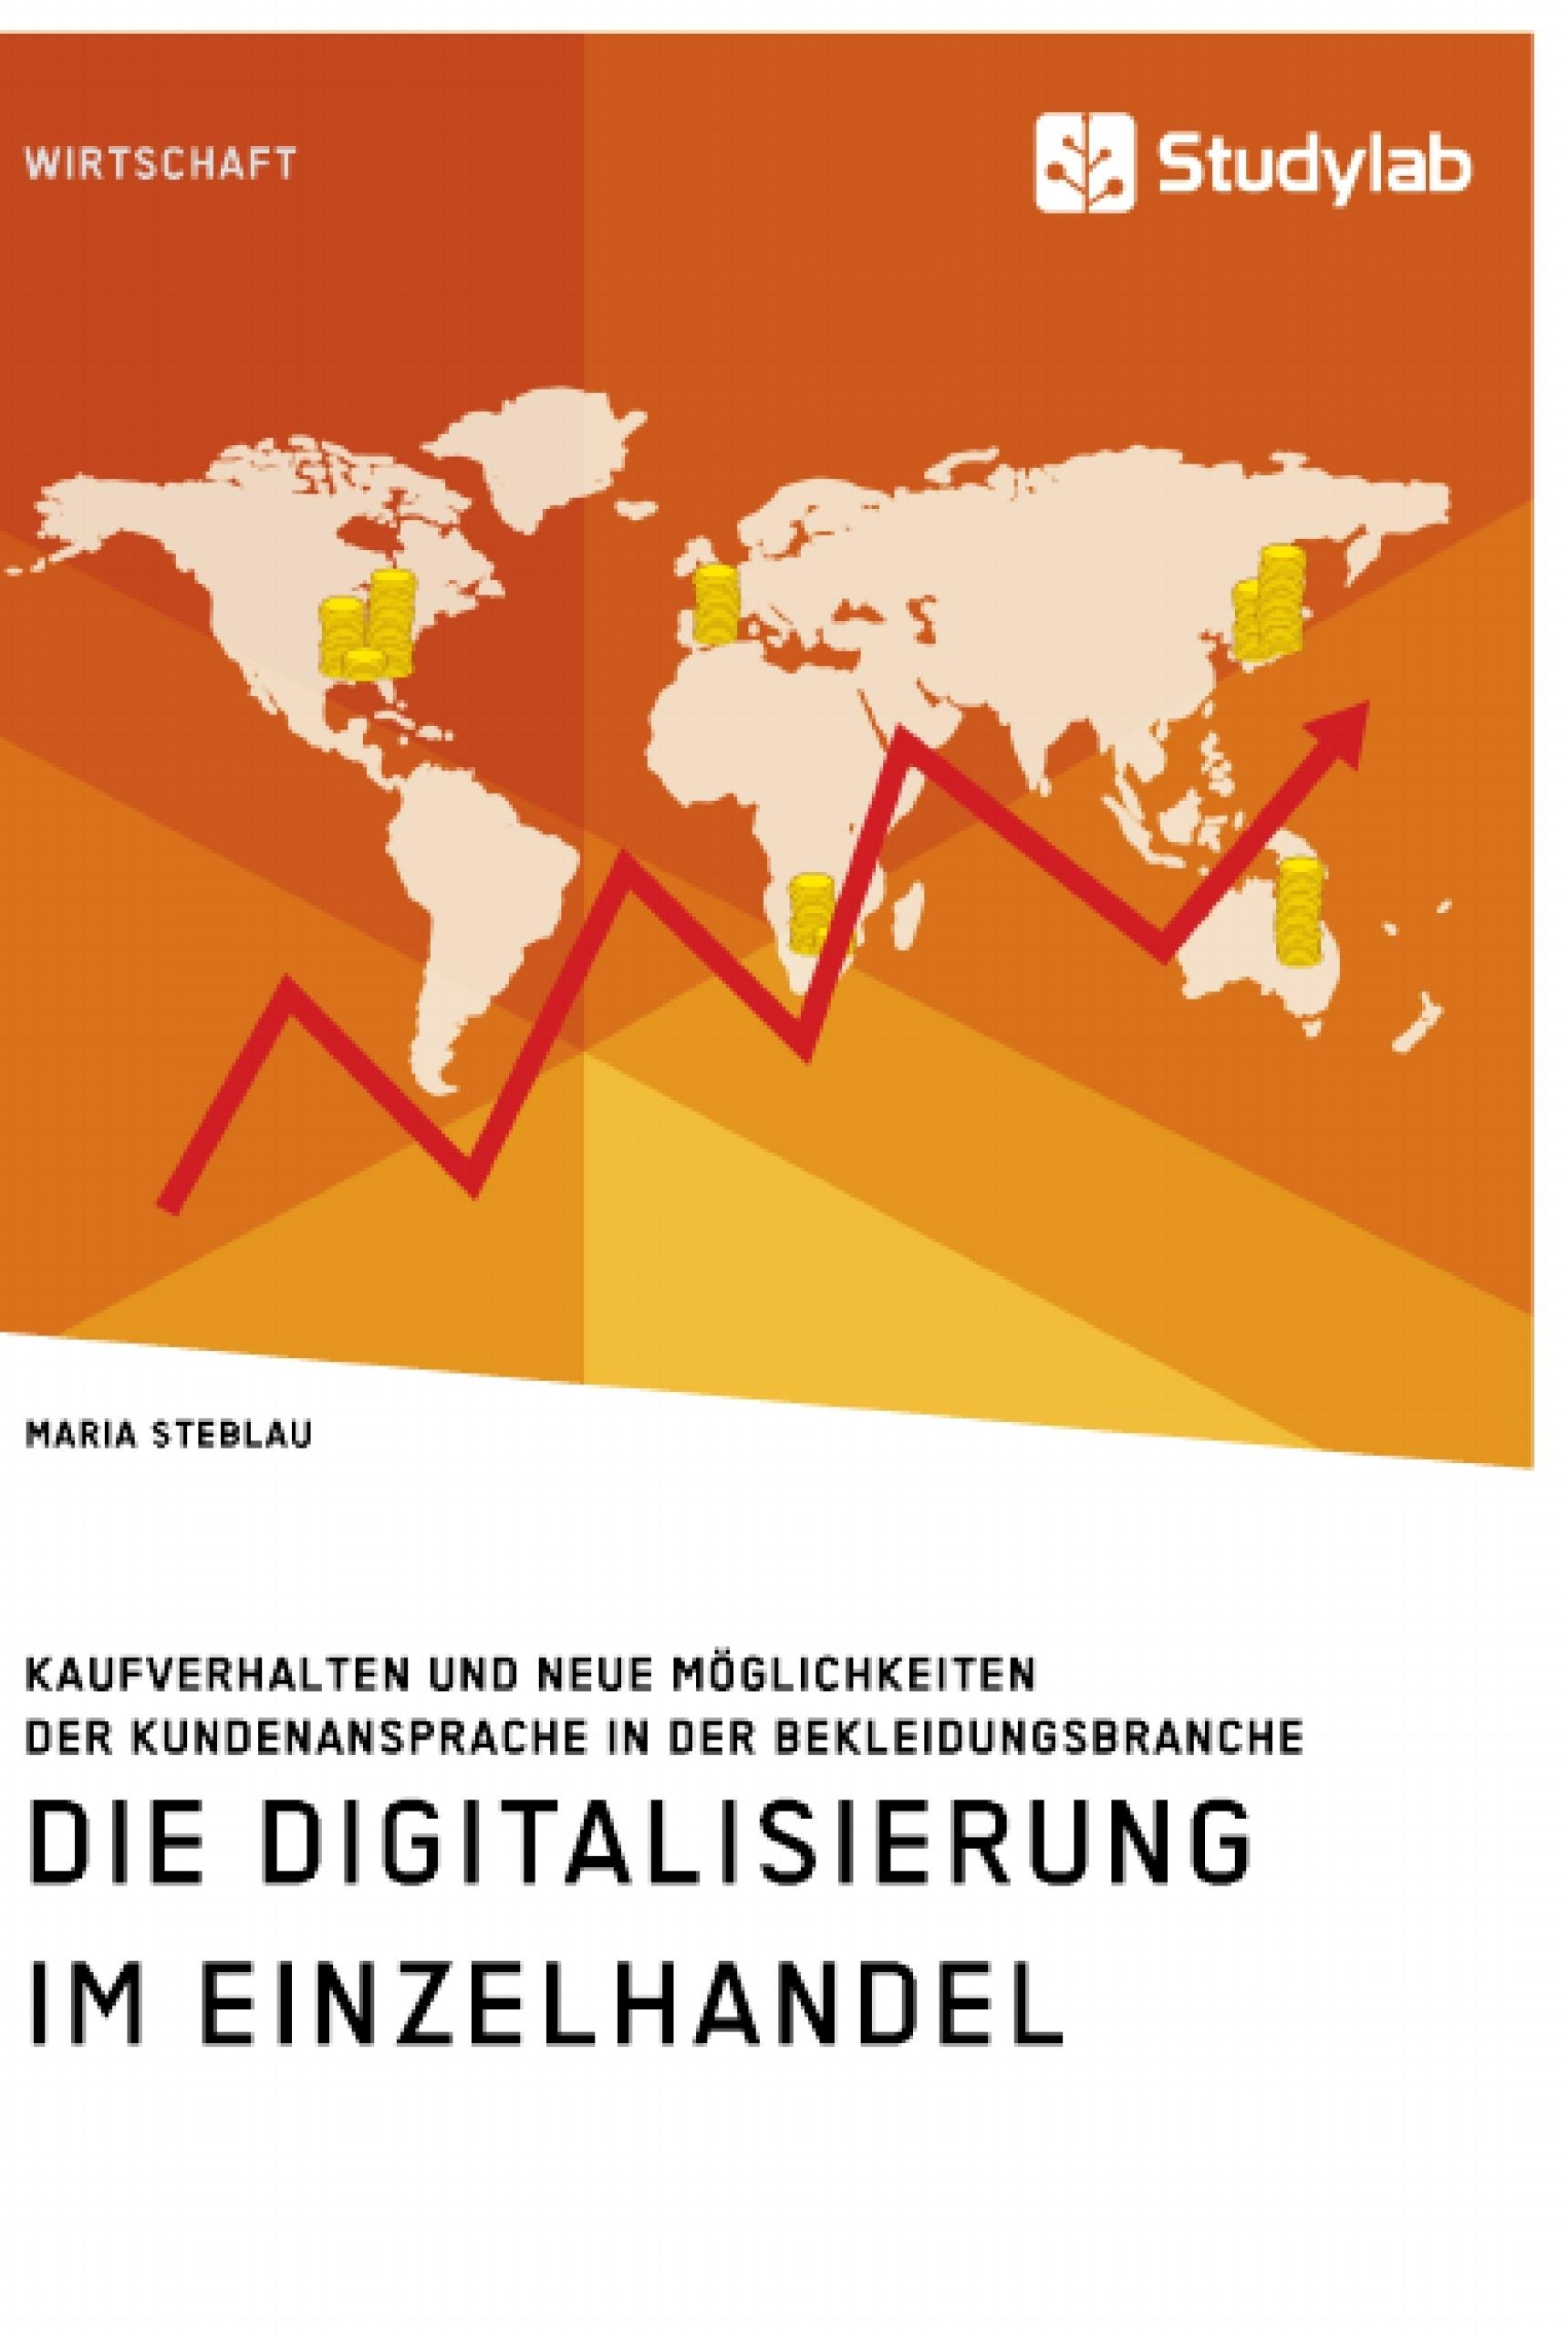 Titel: Die Digitalisierung im Einzelhandel. Kaufverhalten und neue Möglichkeiten der Kundenansprache in der Bekleidungsbranche